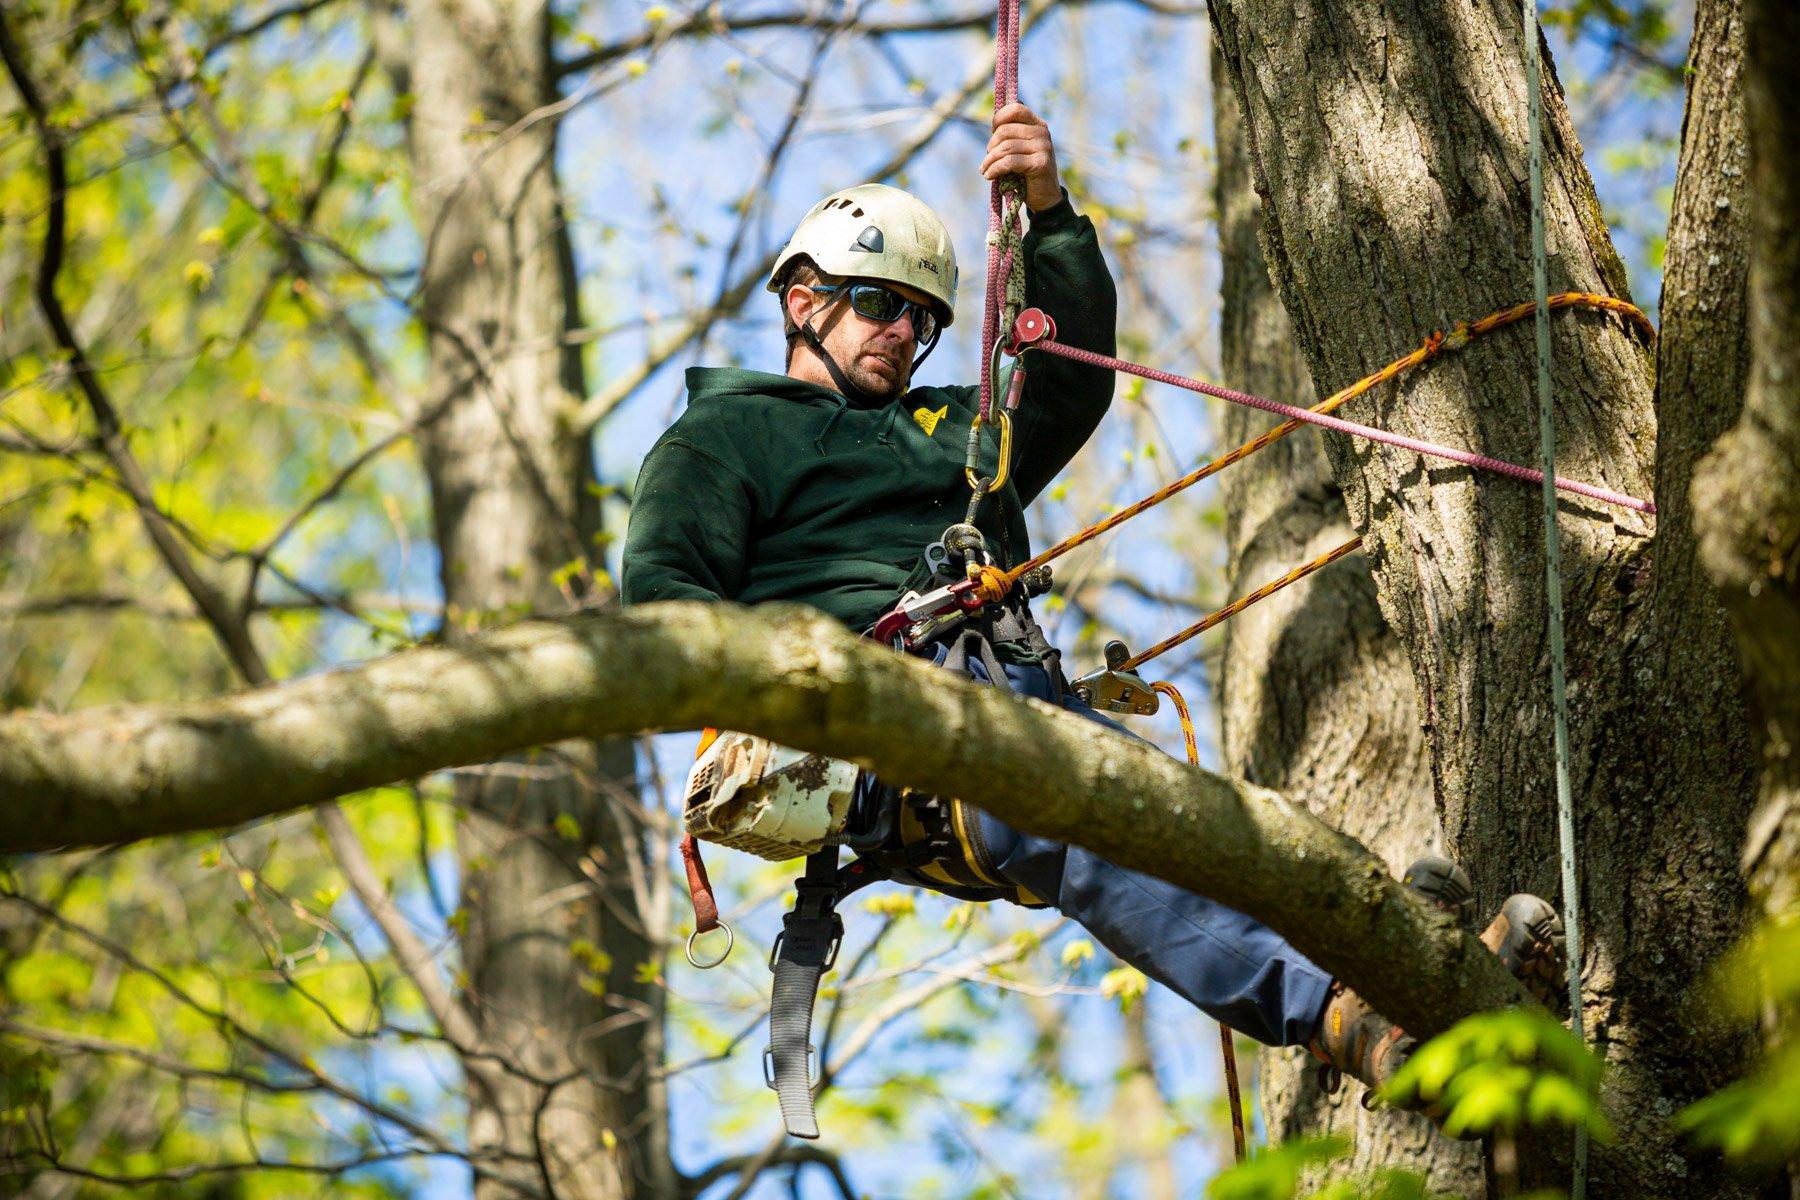 Arborist tree climber preparing to prune a tree